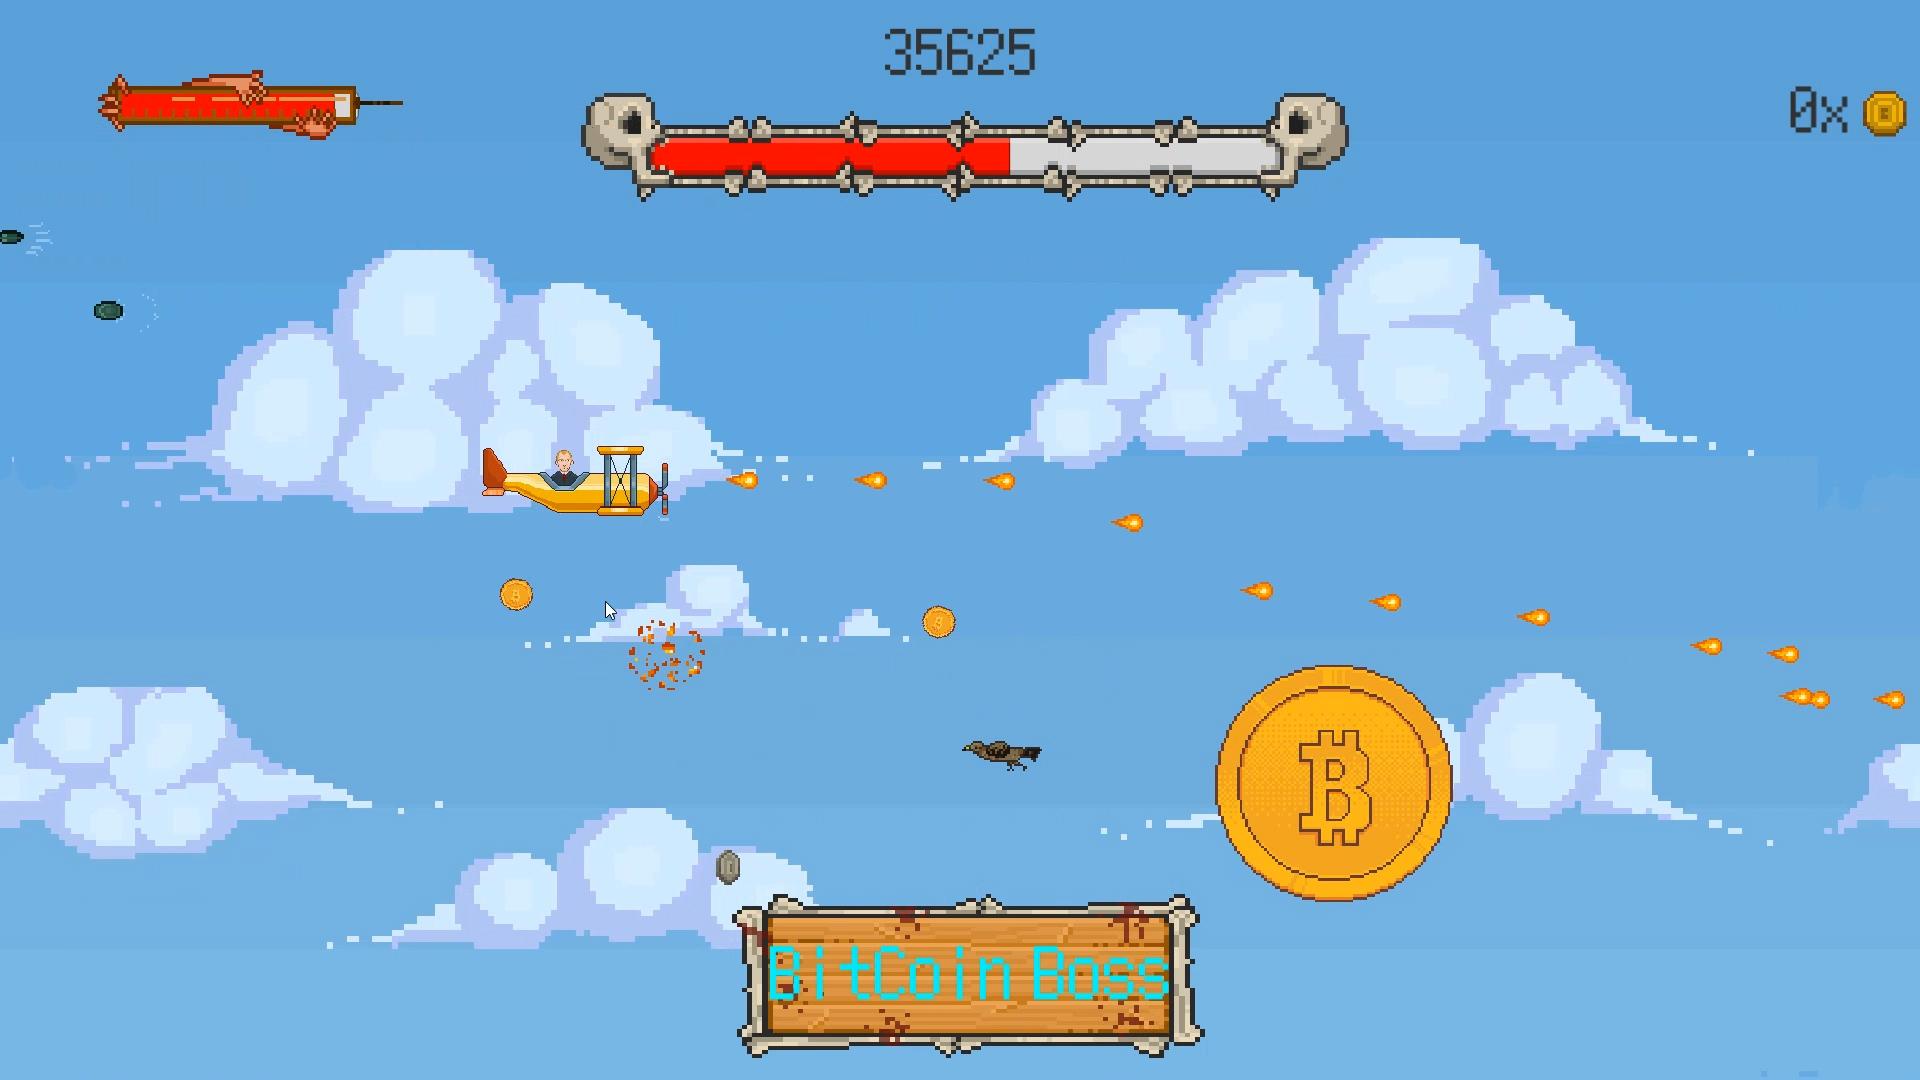 PUTIN 20!8 screenshot